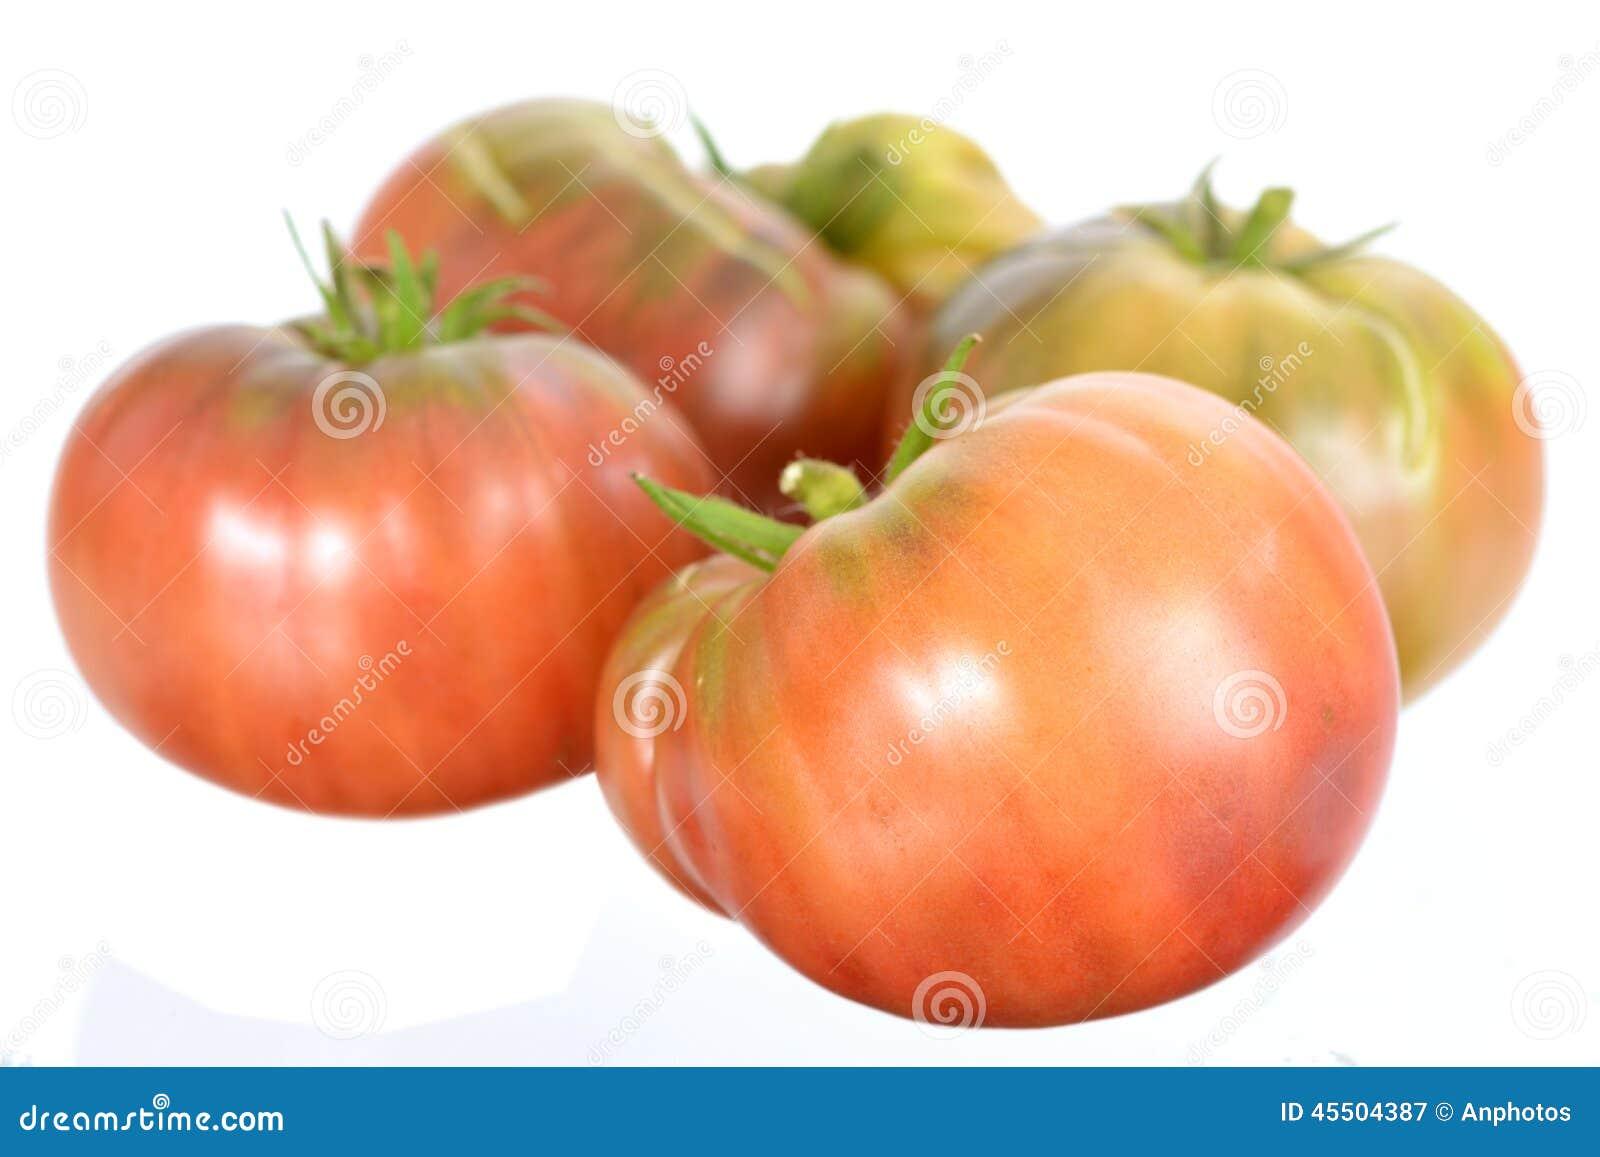 Heirloom pomidor